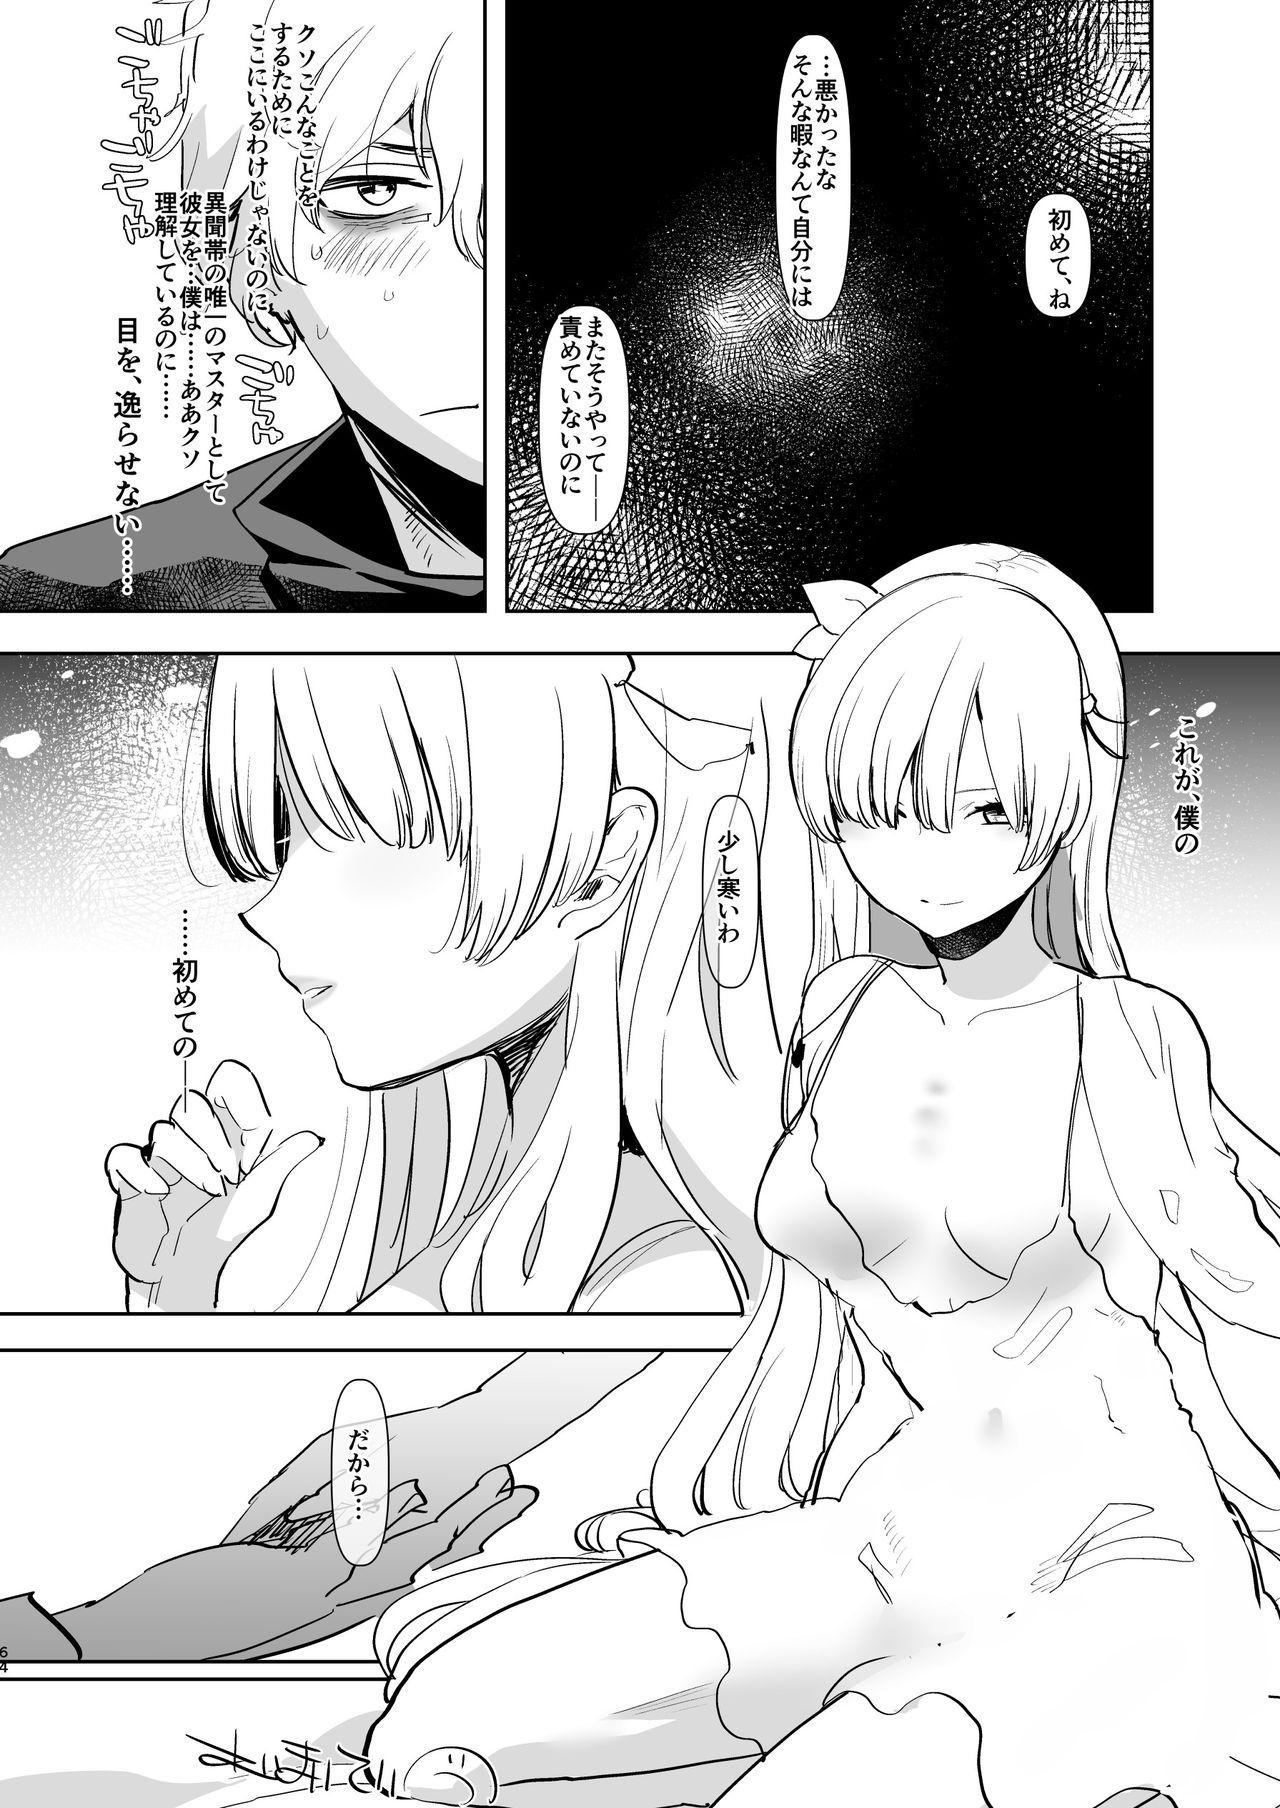 Futa x Otoko Rakugaki Matome 2 Fate Hen 63